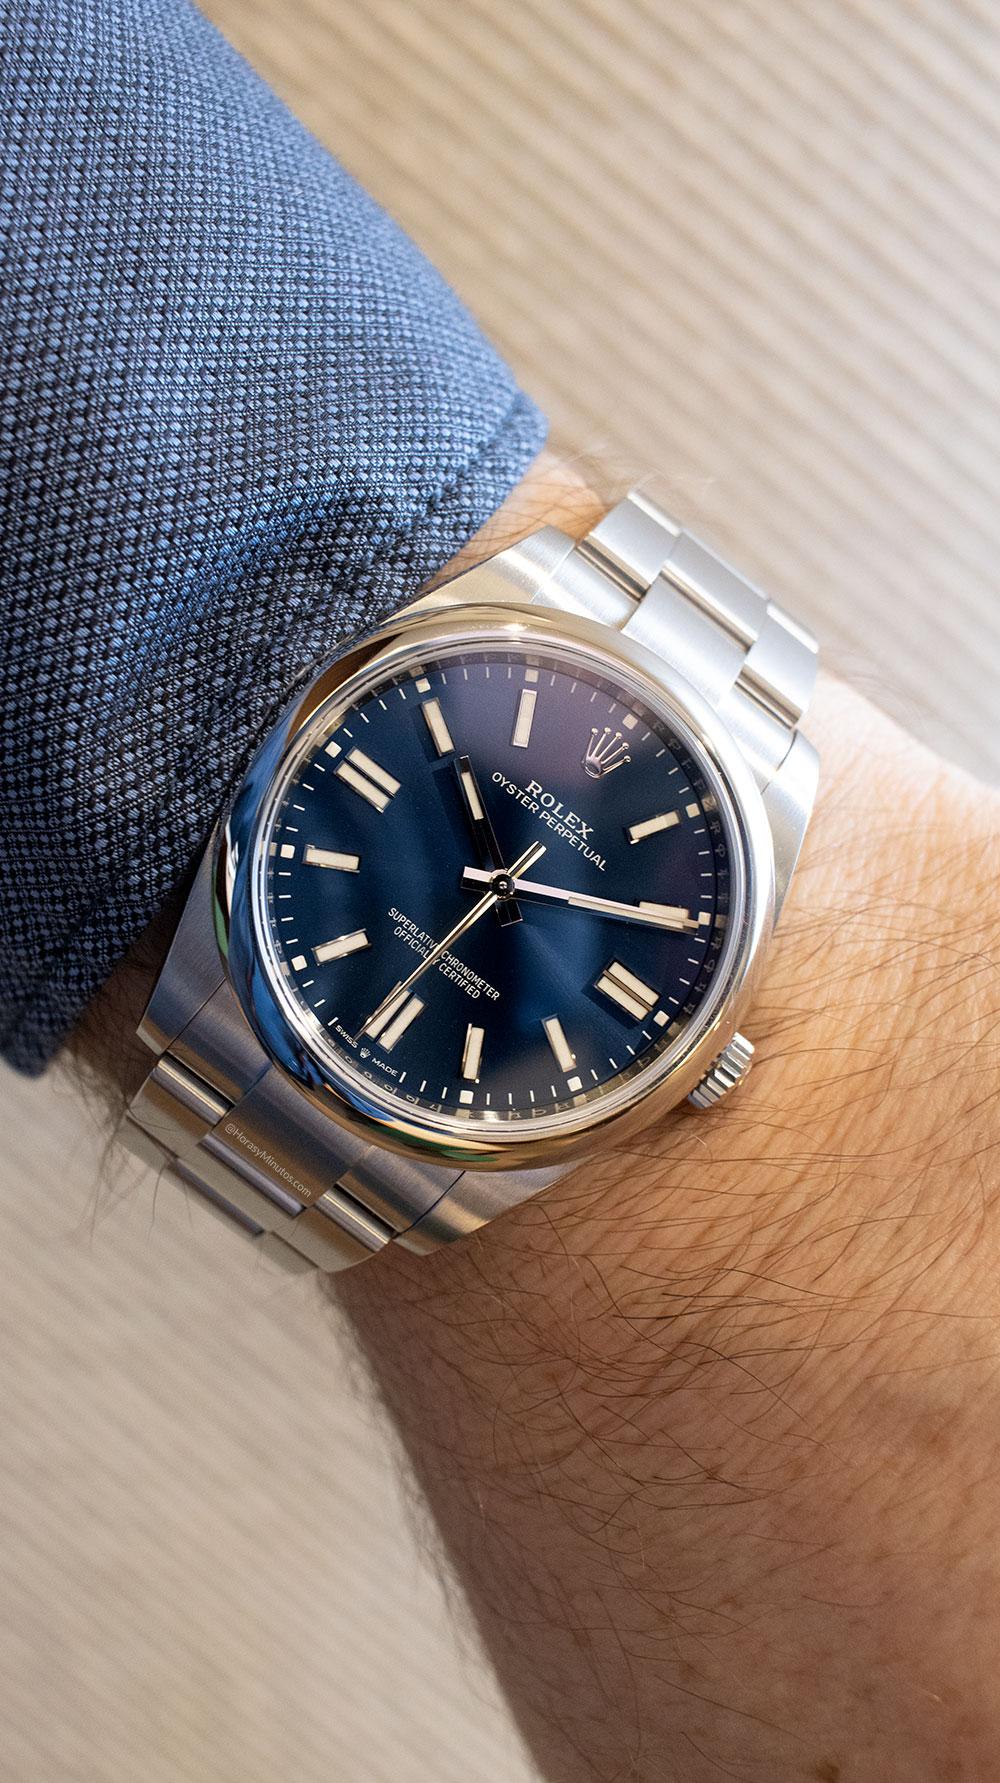 Así queda el Rolex Oyster Perpetual 41 mm 2020 Referencia 124300 azul